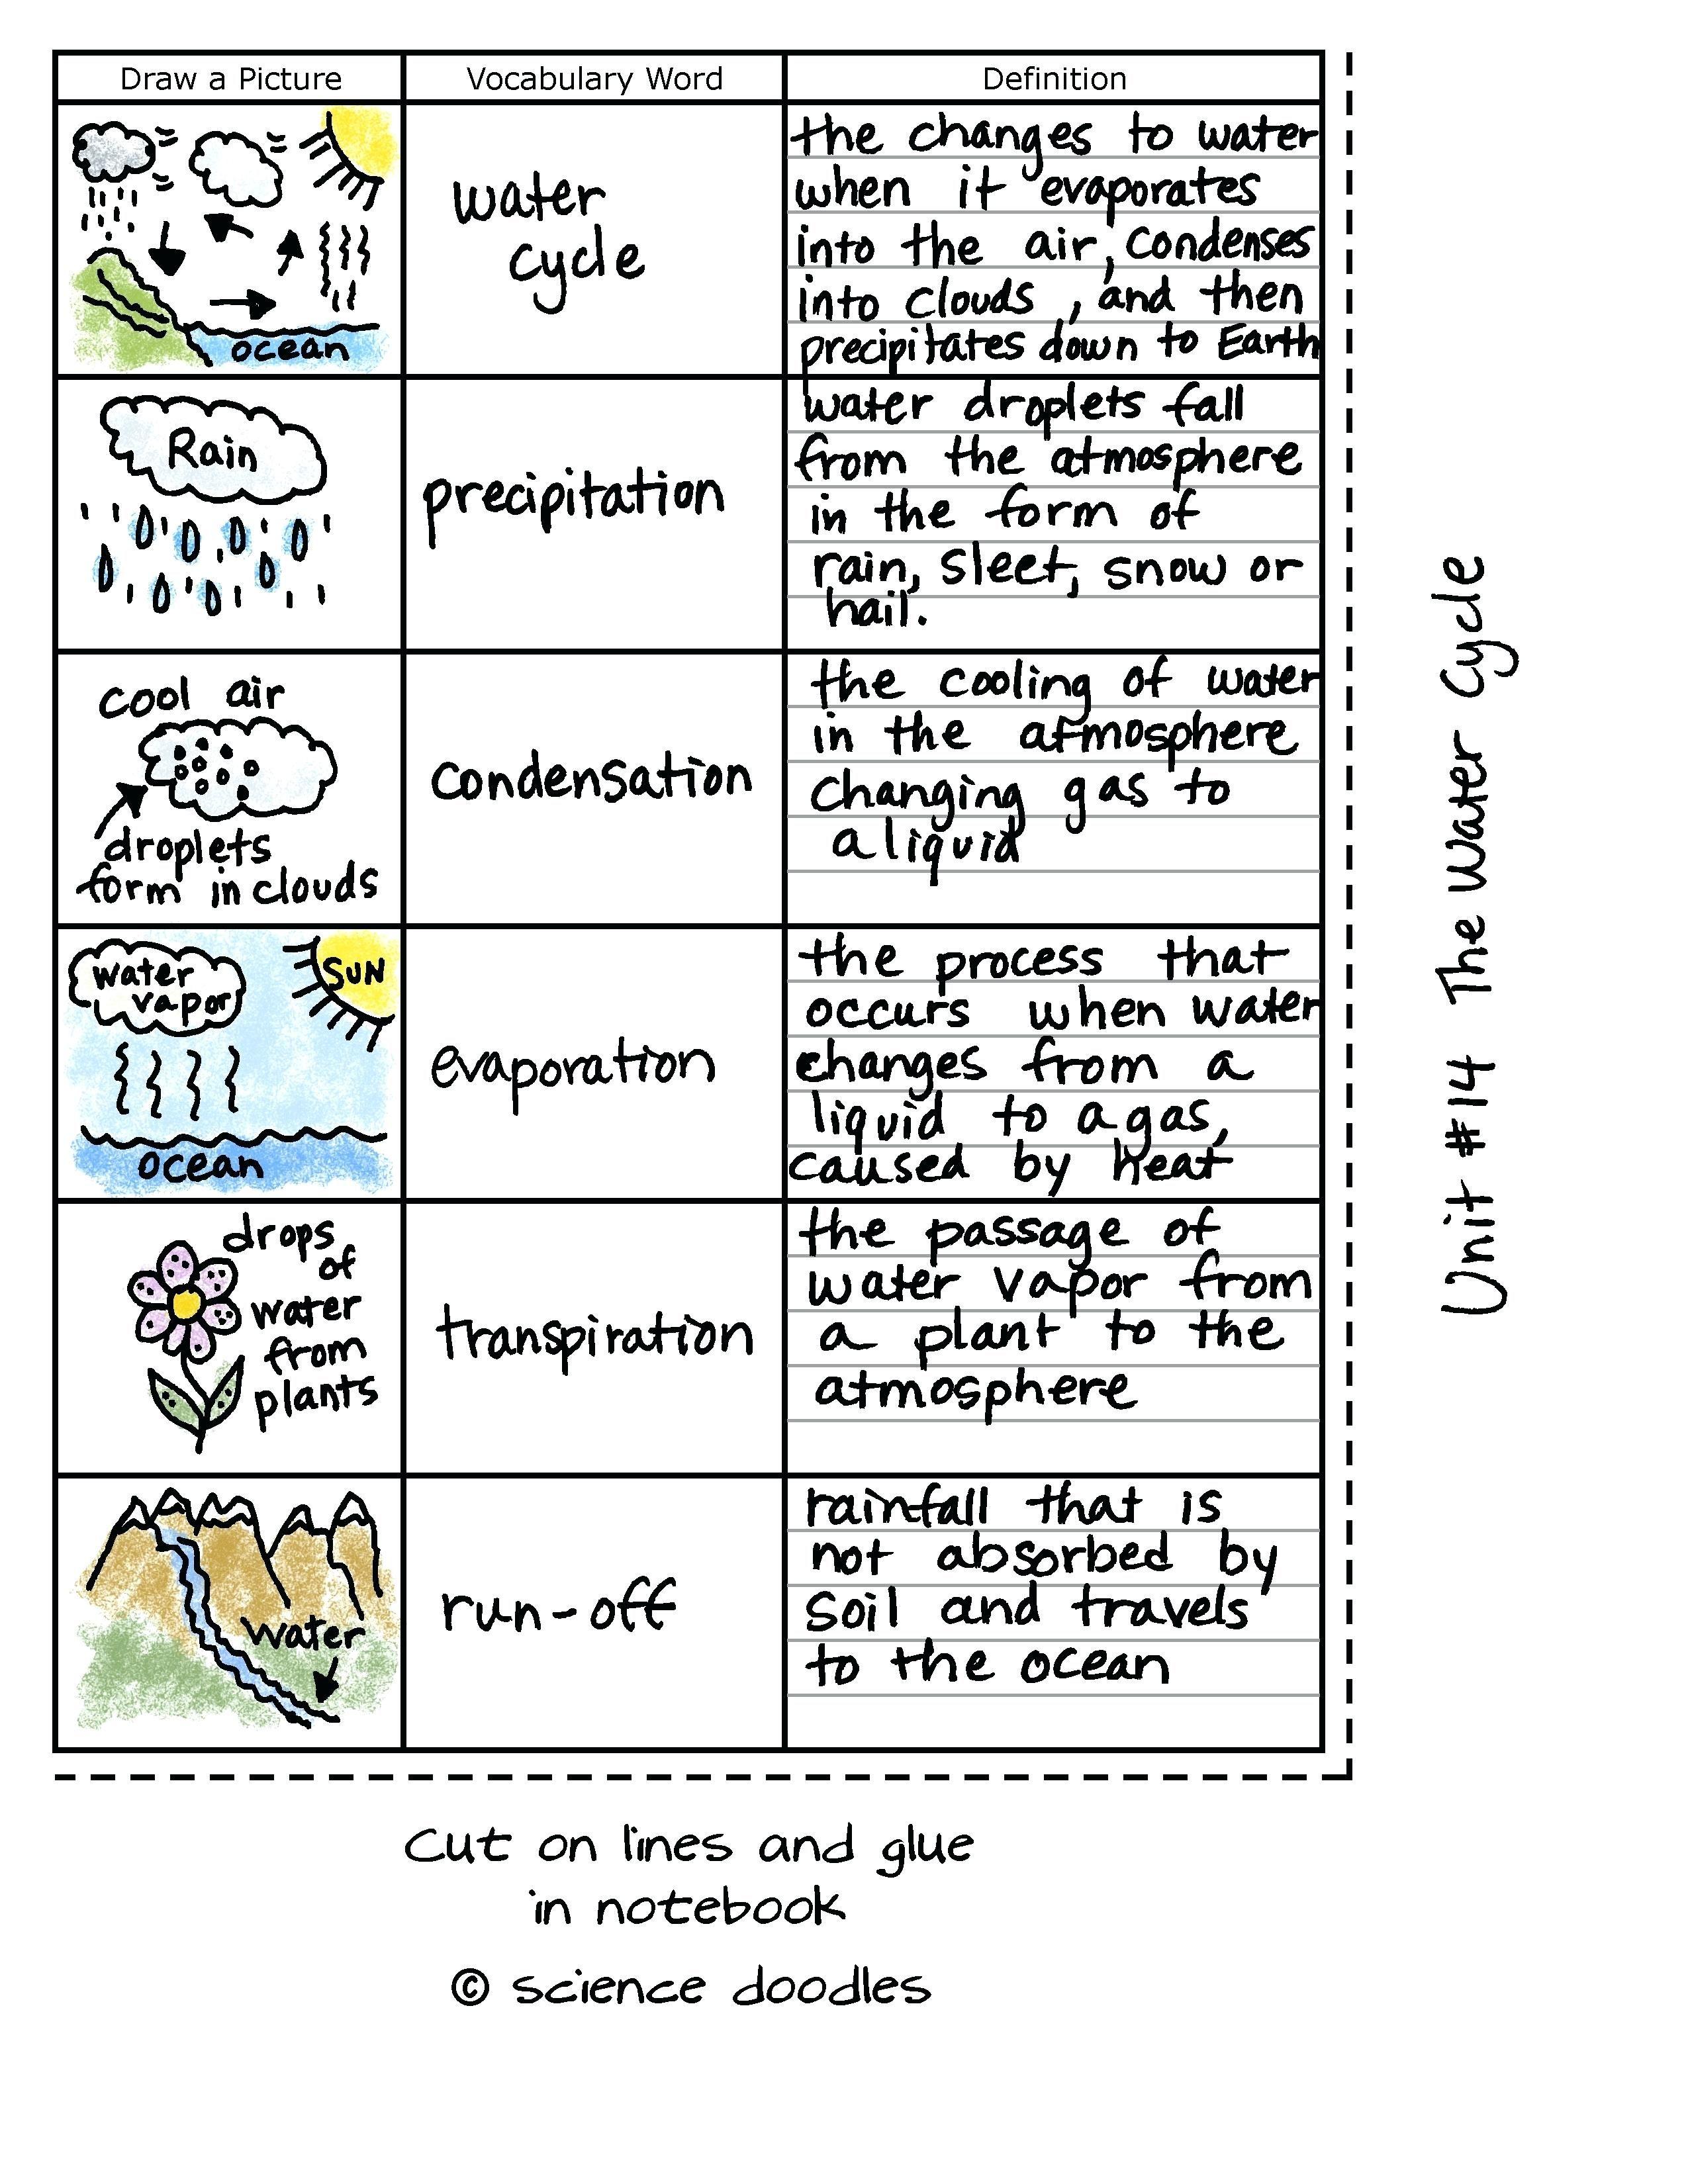 36 Simple Water Cycle Worksheet Ideas  [ 3300 x 2550 Pixel ]